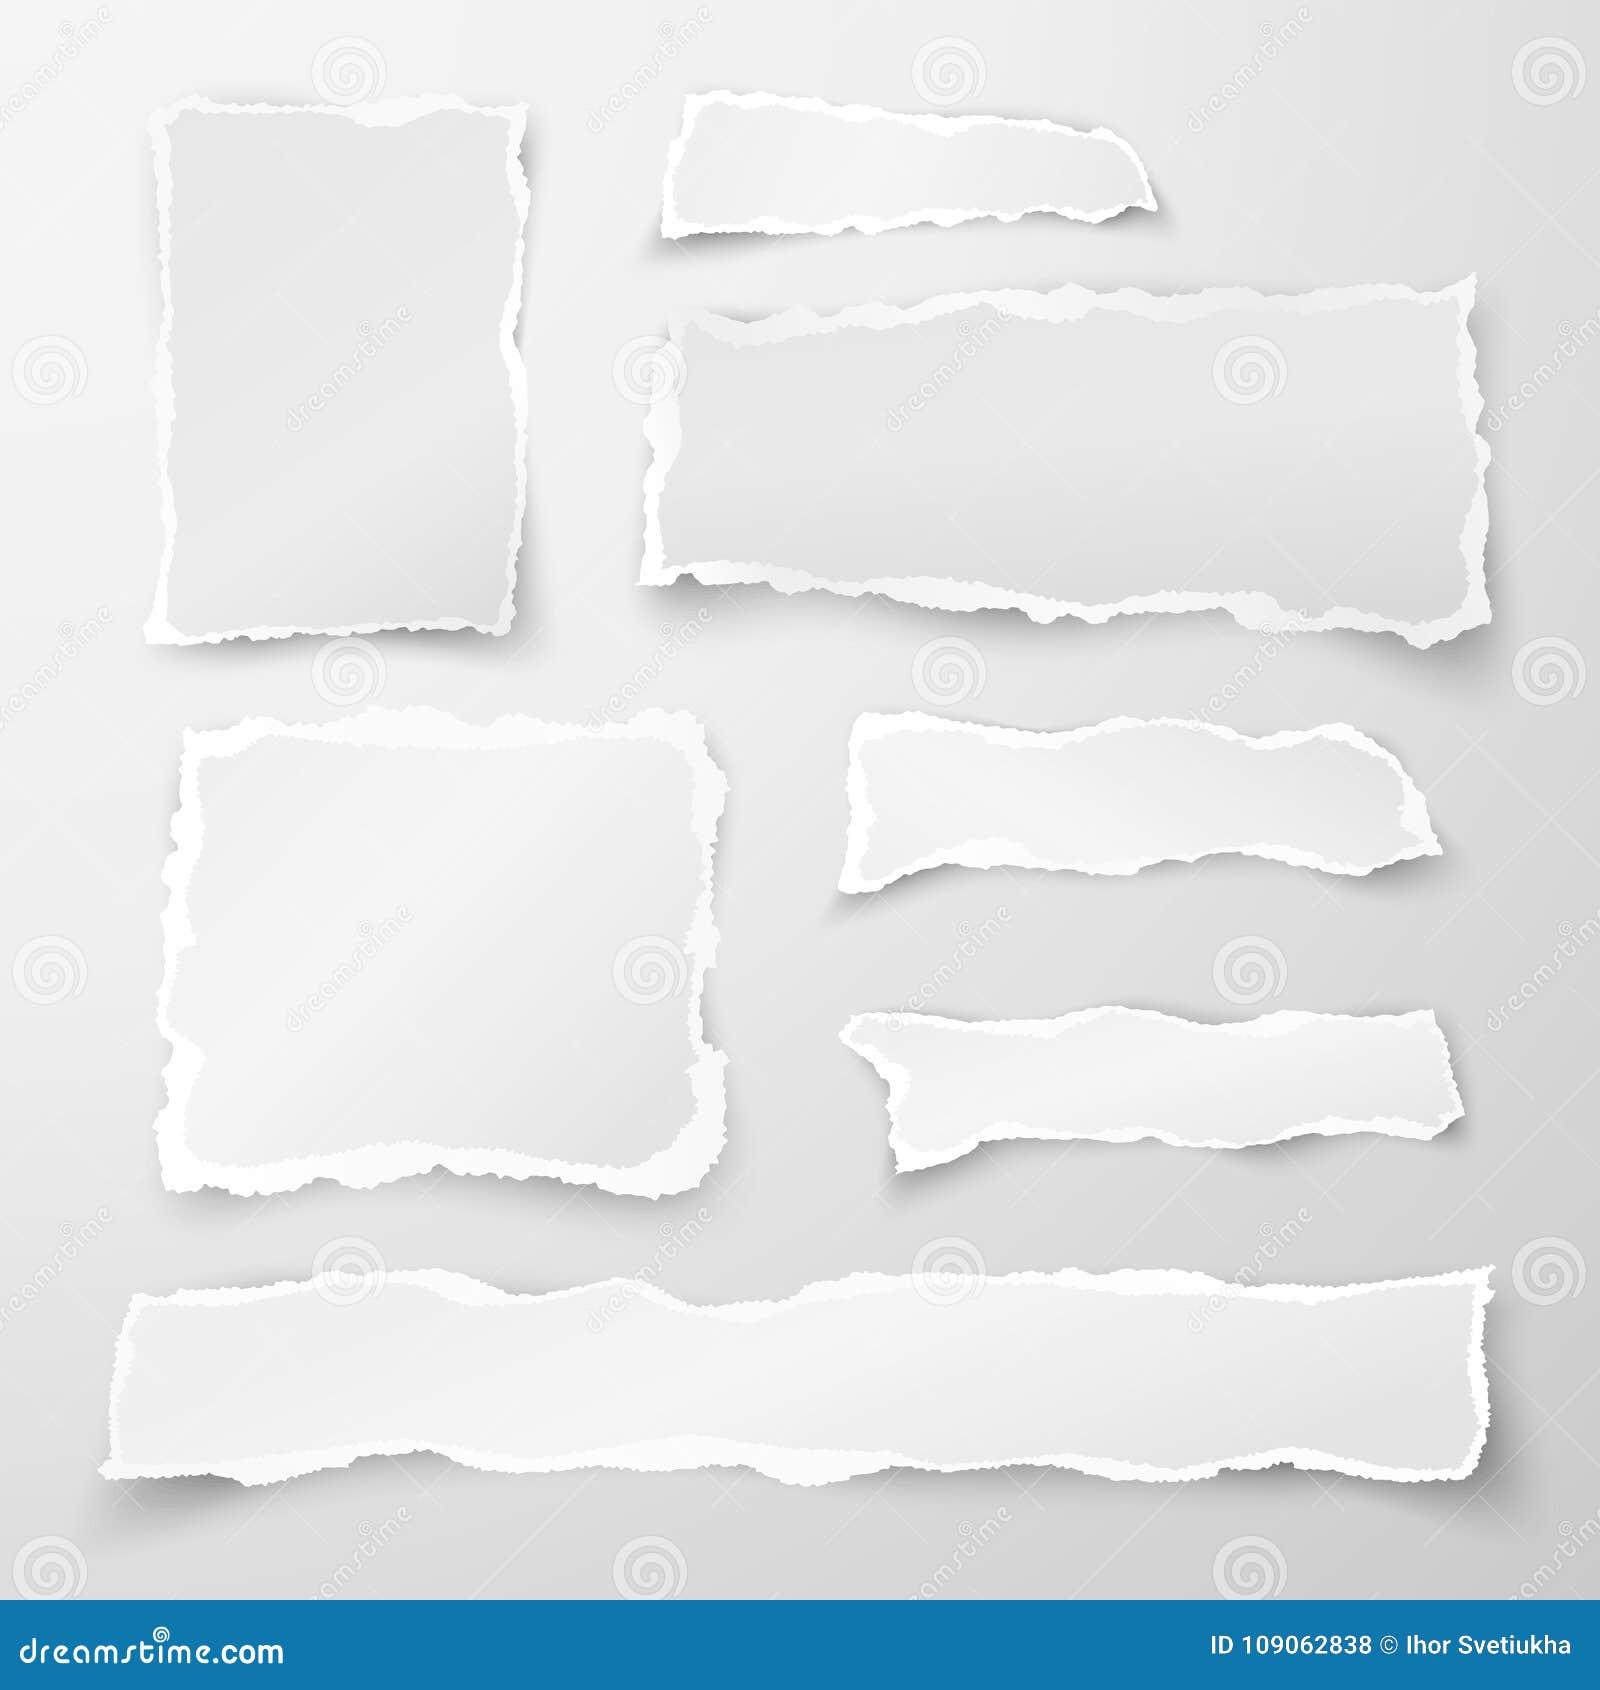 Insieme dei pezzi di carta lacerati Ritagli di carta Obietti la striscia con ombra isolata su fondo grigio Vettore